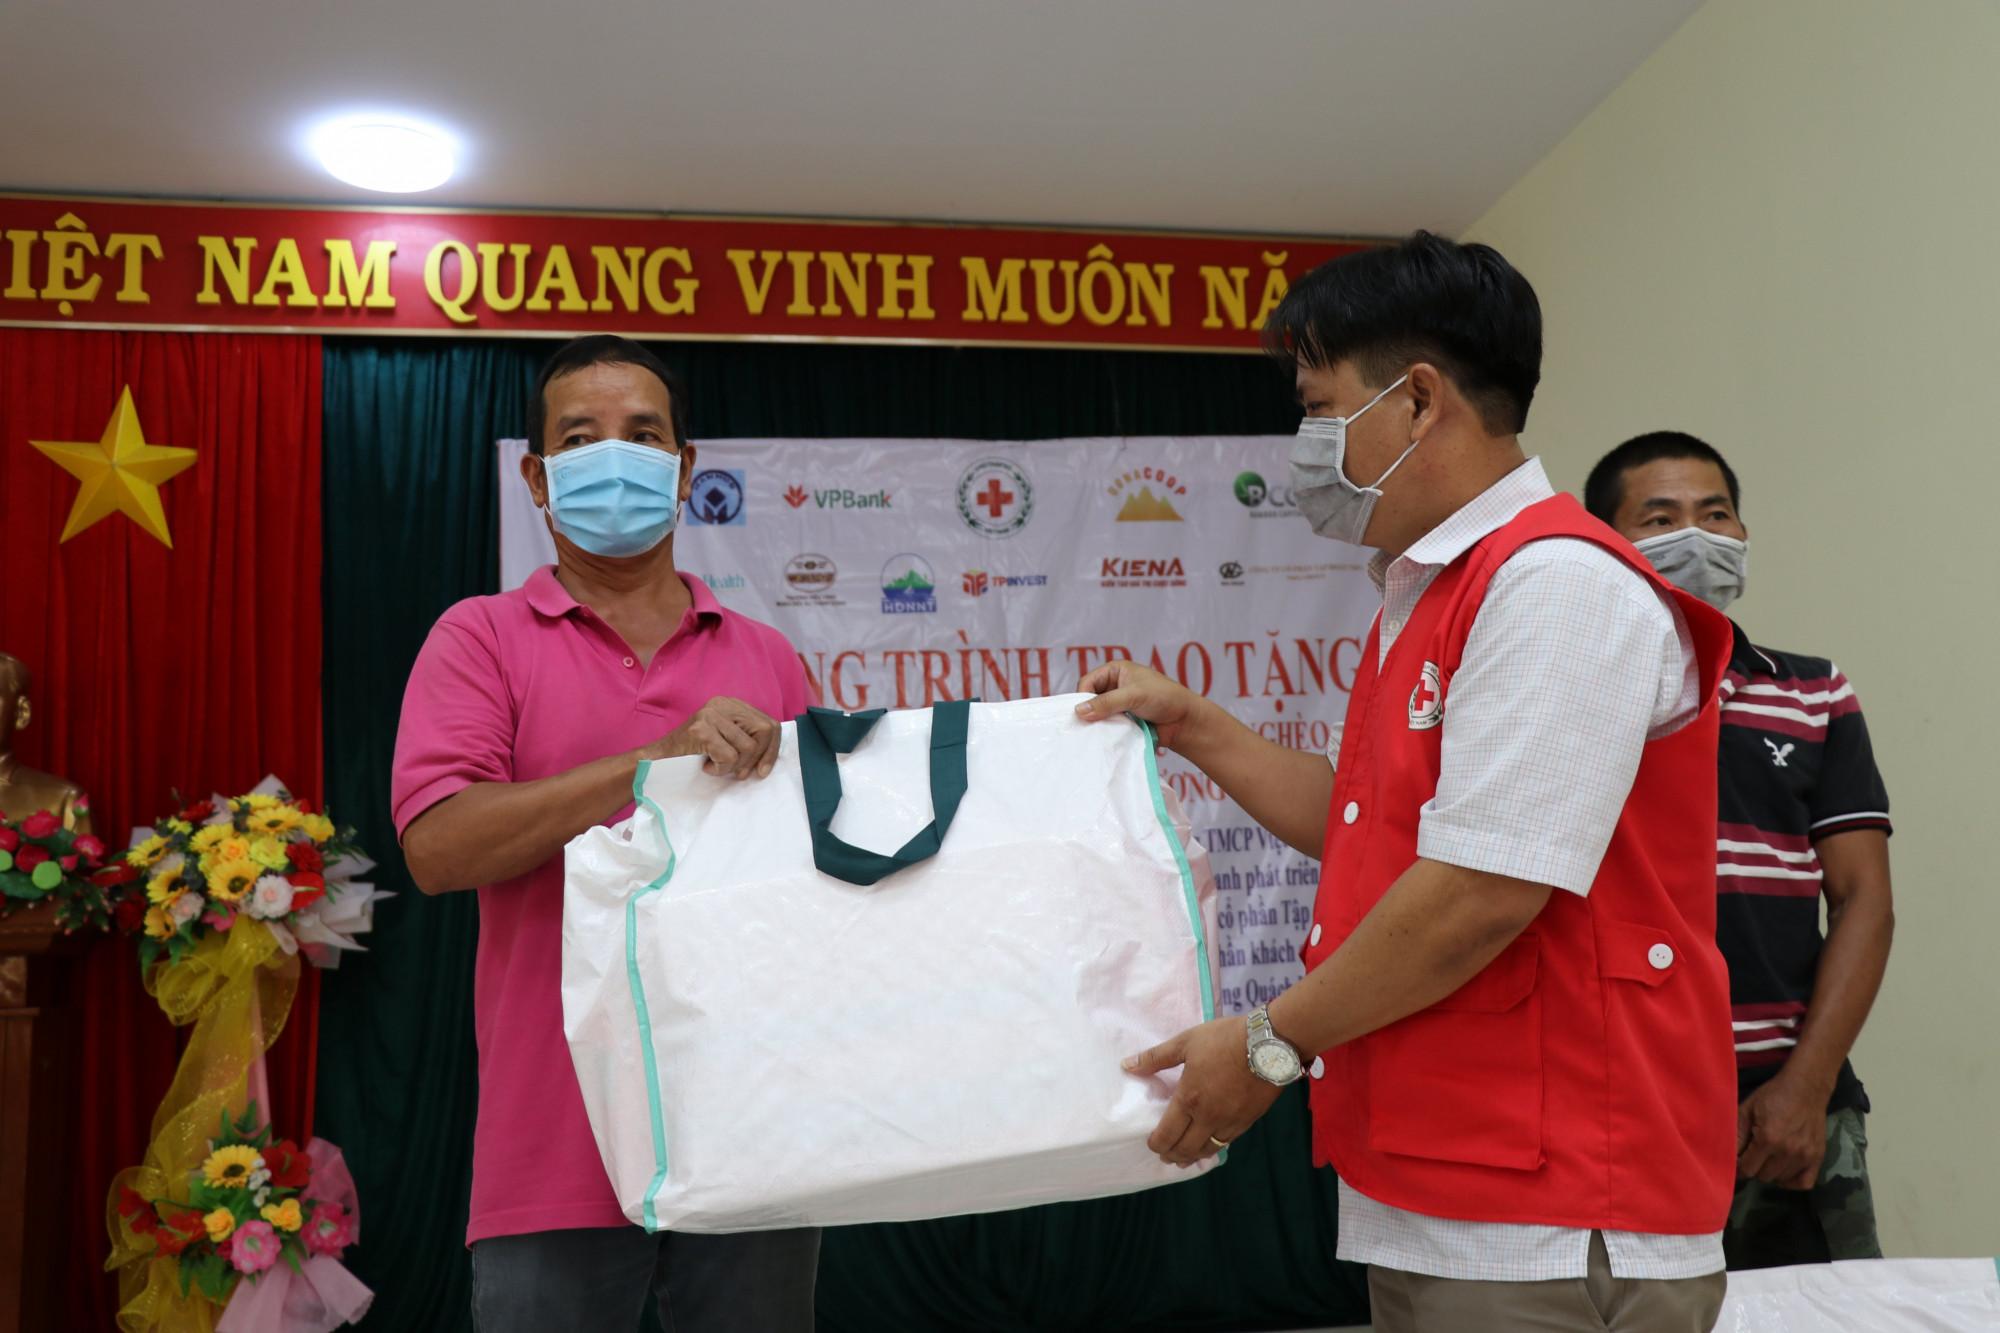 áo phao cứu sinh đa năng hỗ trợ ngư dân nghèo, người dân có hoàn cảnh khó khăn trên địa bàn huyện Tuy An, TX Sông Cầu và TPTuy Hòa.